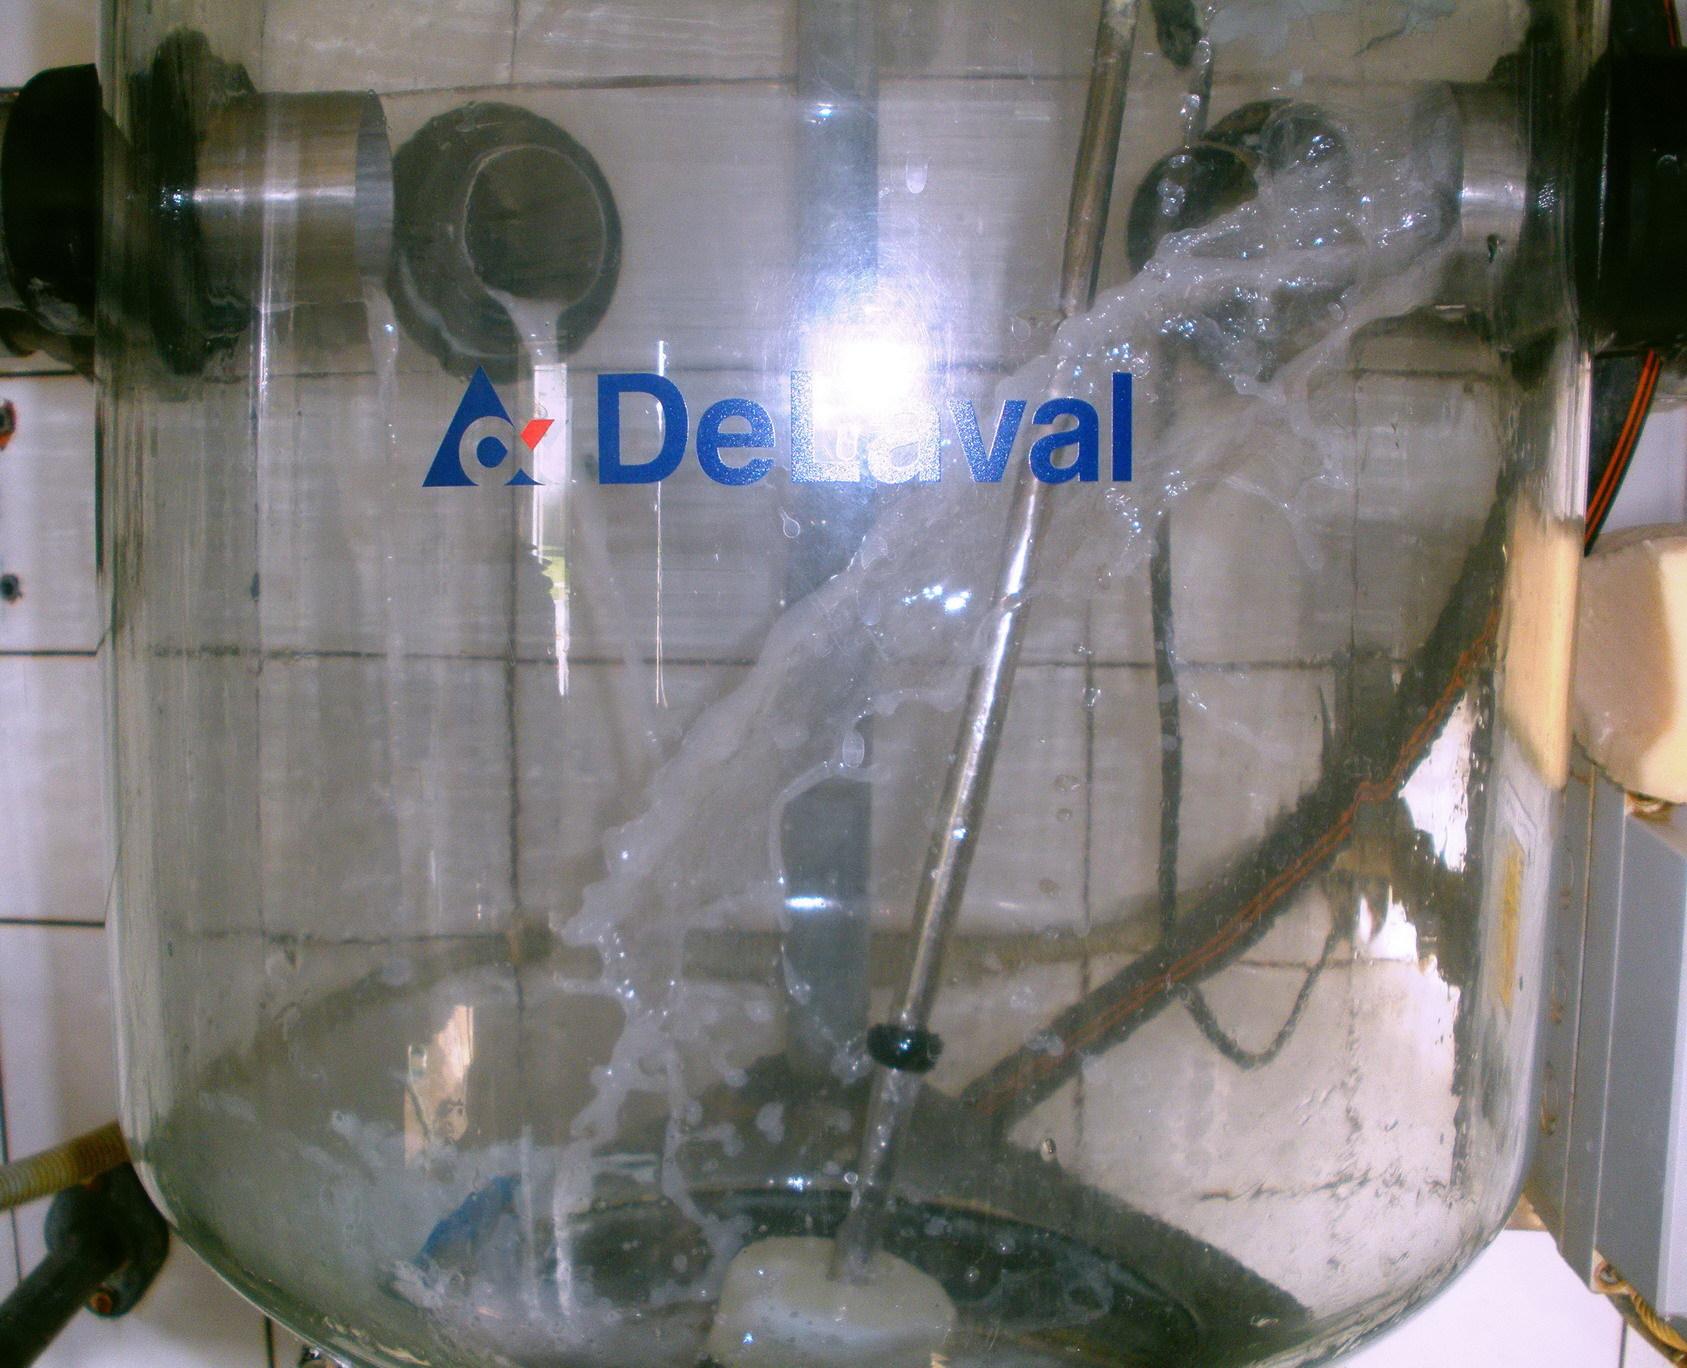 alkaline detergent